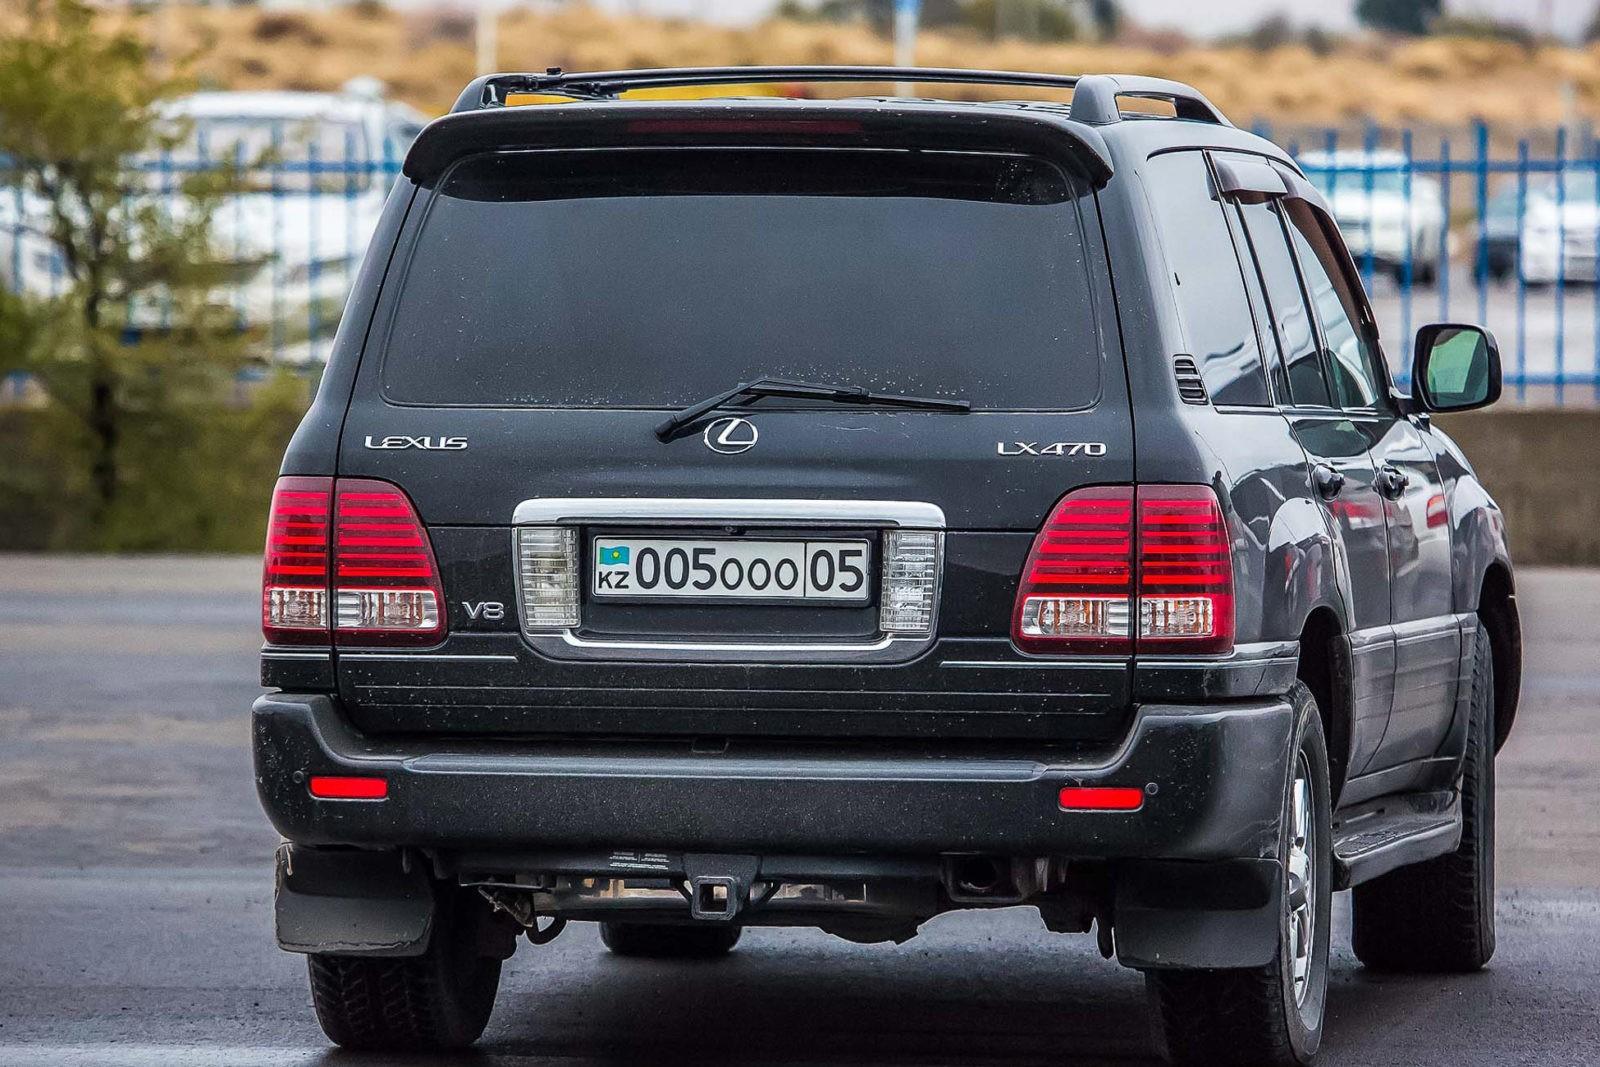 Автомобиль с номерами Казахстана